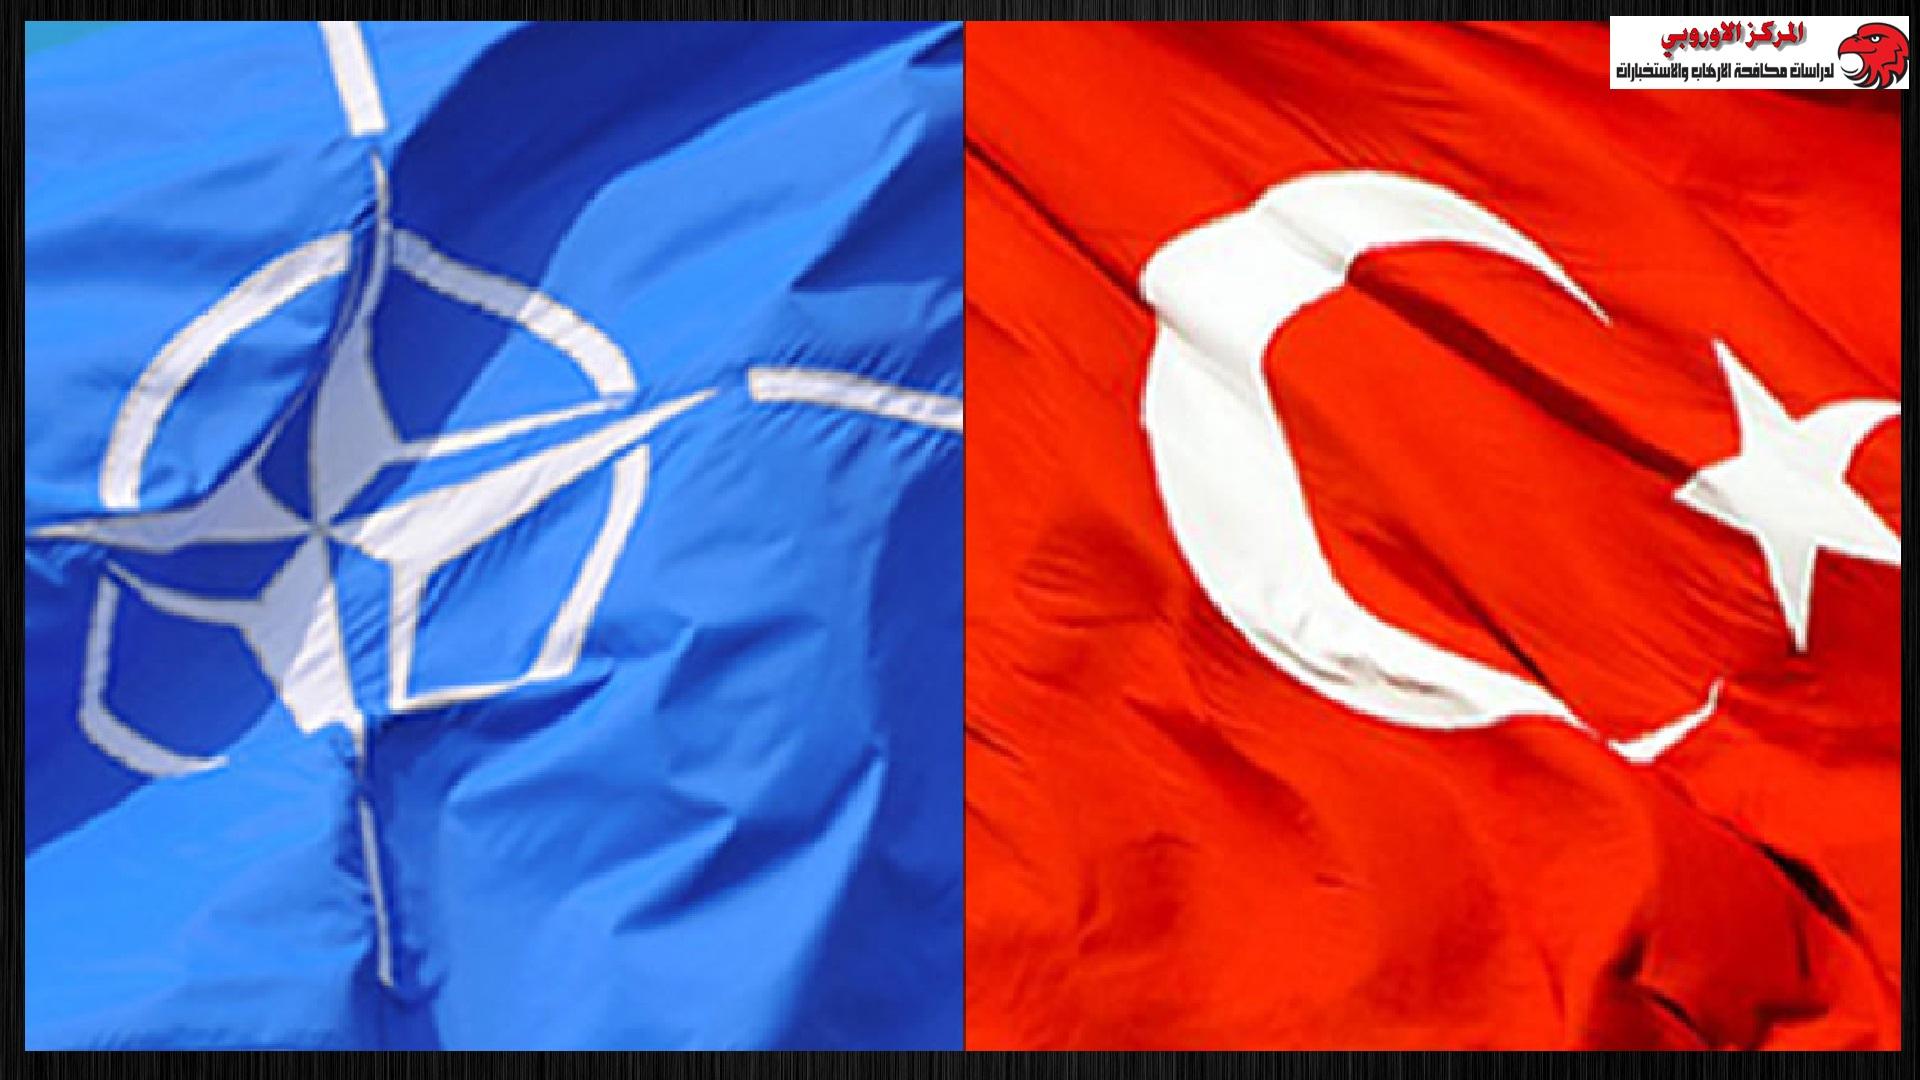 تركيا .. جملة خلافات مع الناتو ودول الاتحاد الاوروبي